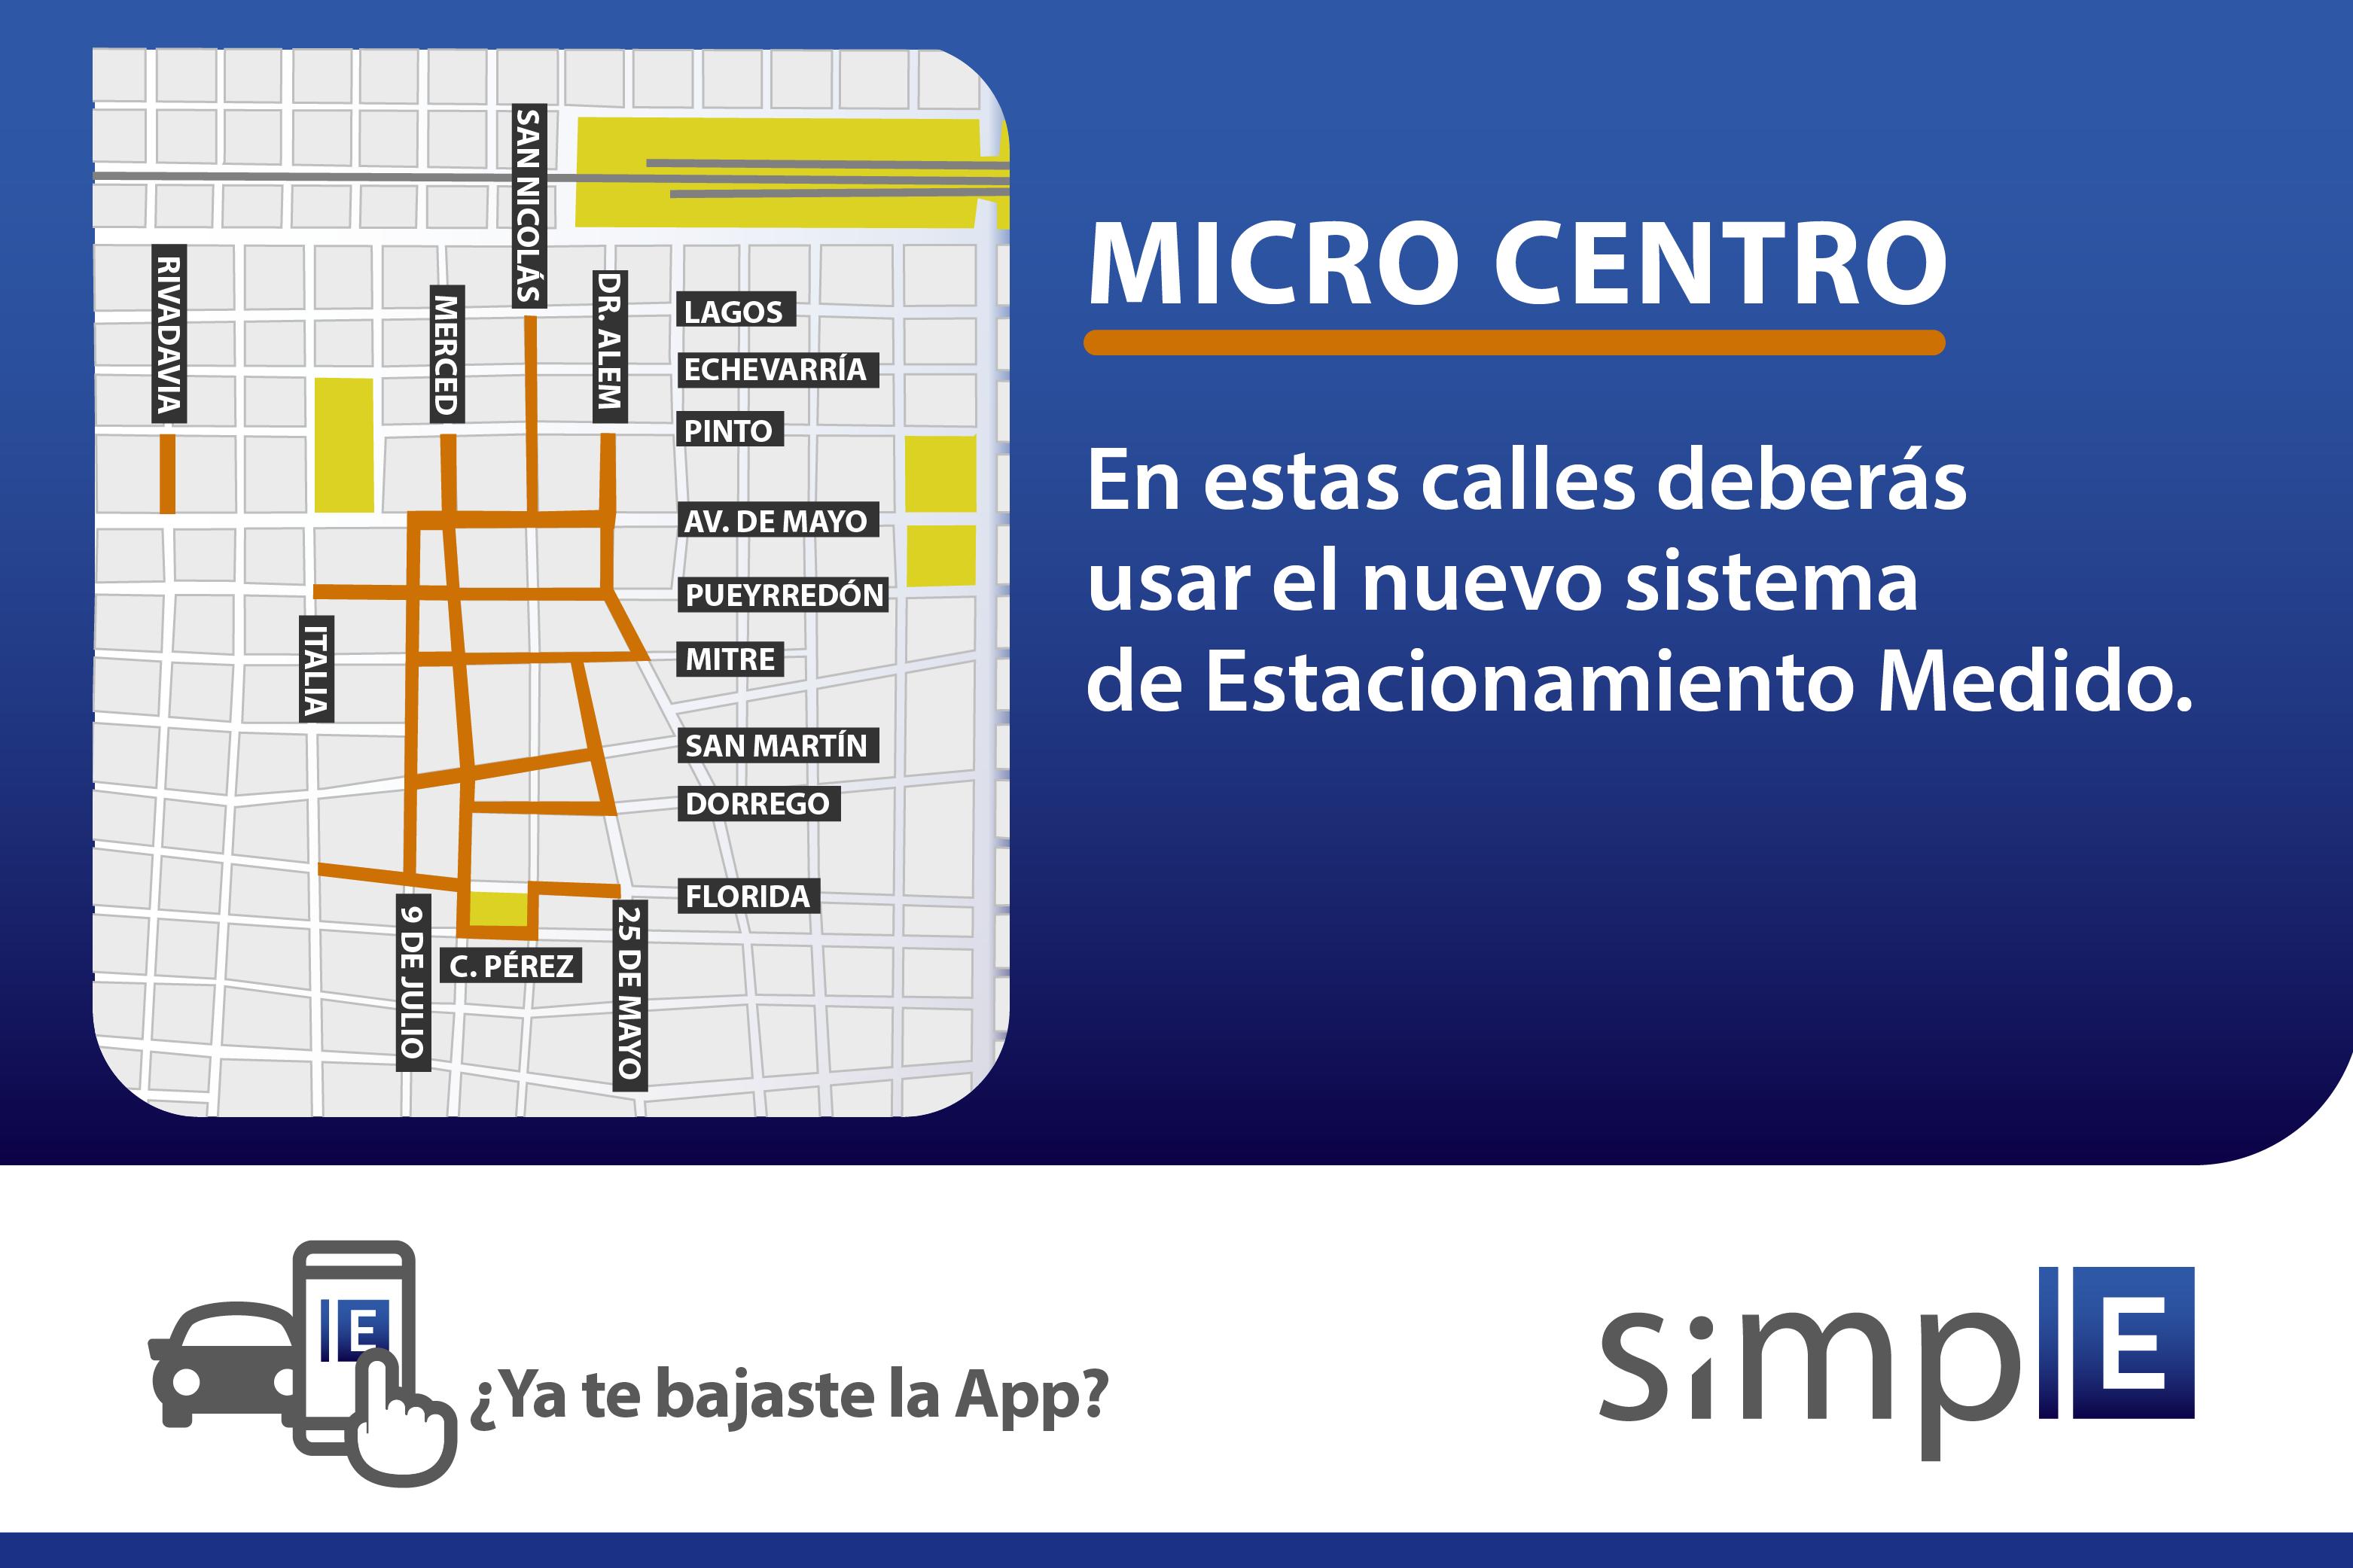 zona microcentro